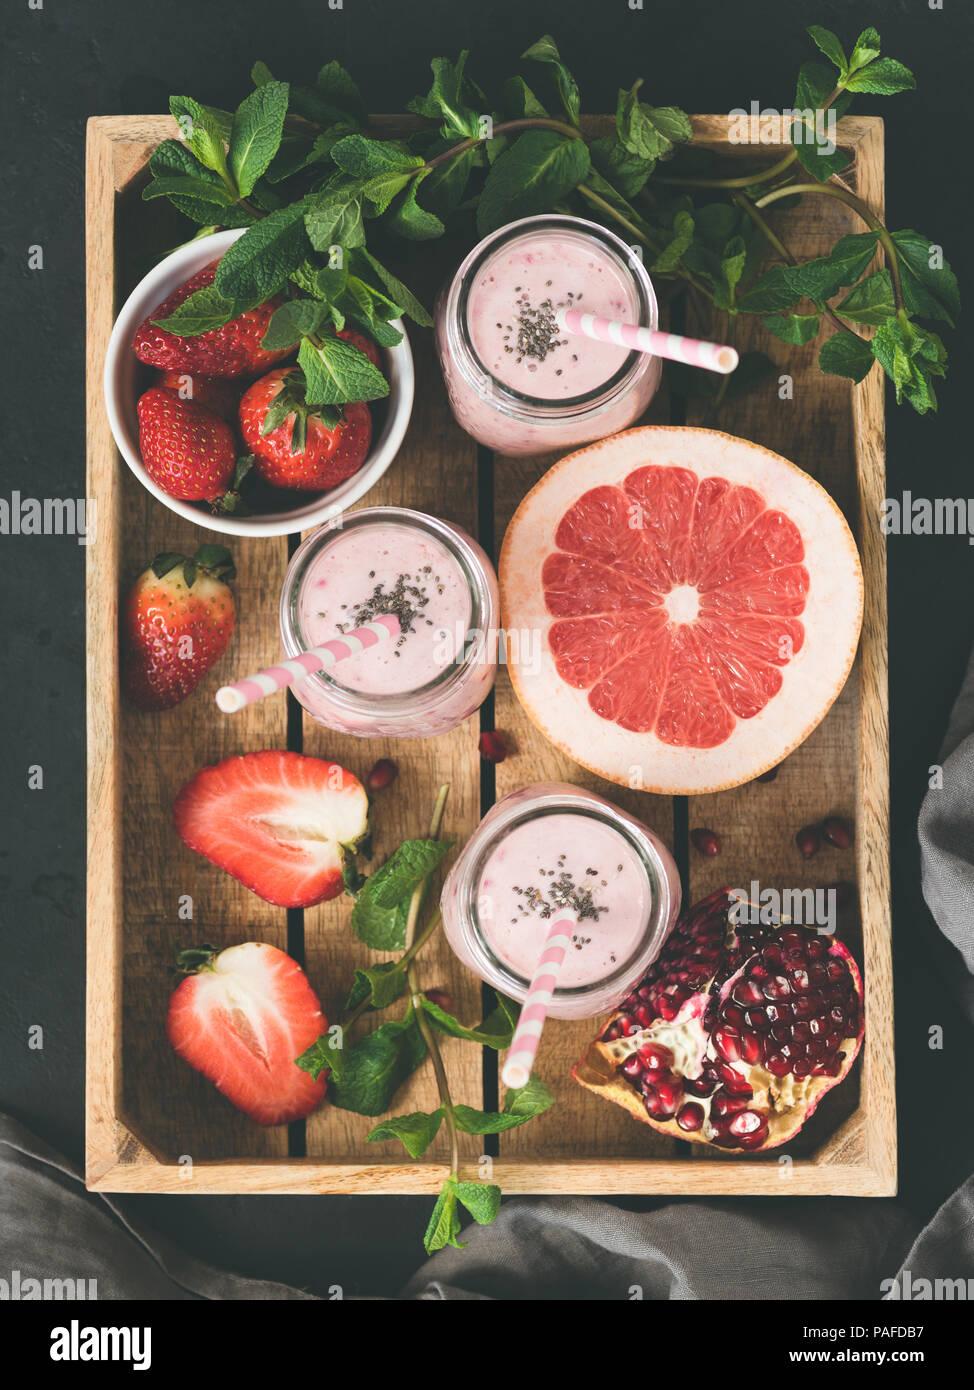 Los licuados de frutos y bayas en bandeja de madera, vista superior, imagen de tonos. Concepto de estilo de vida saludable y una alimentación saludable Imagen De Stock